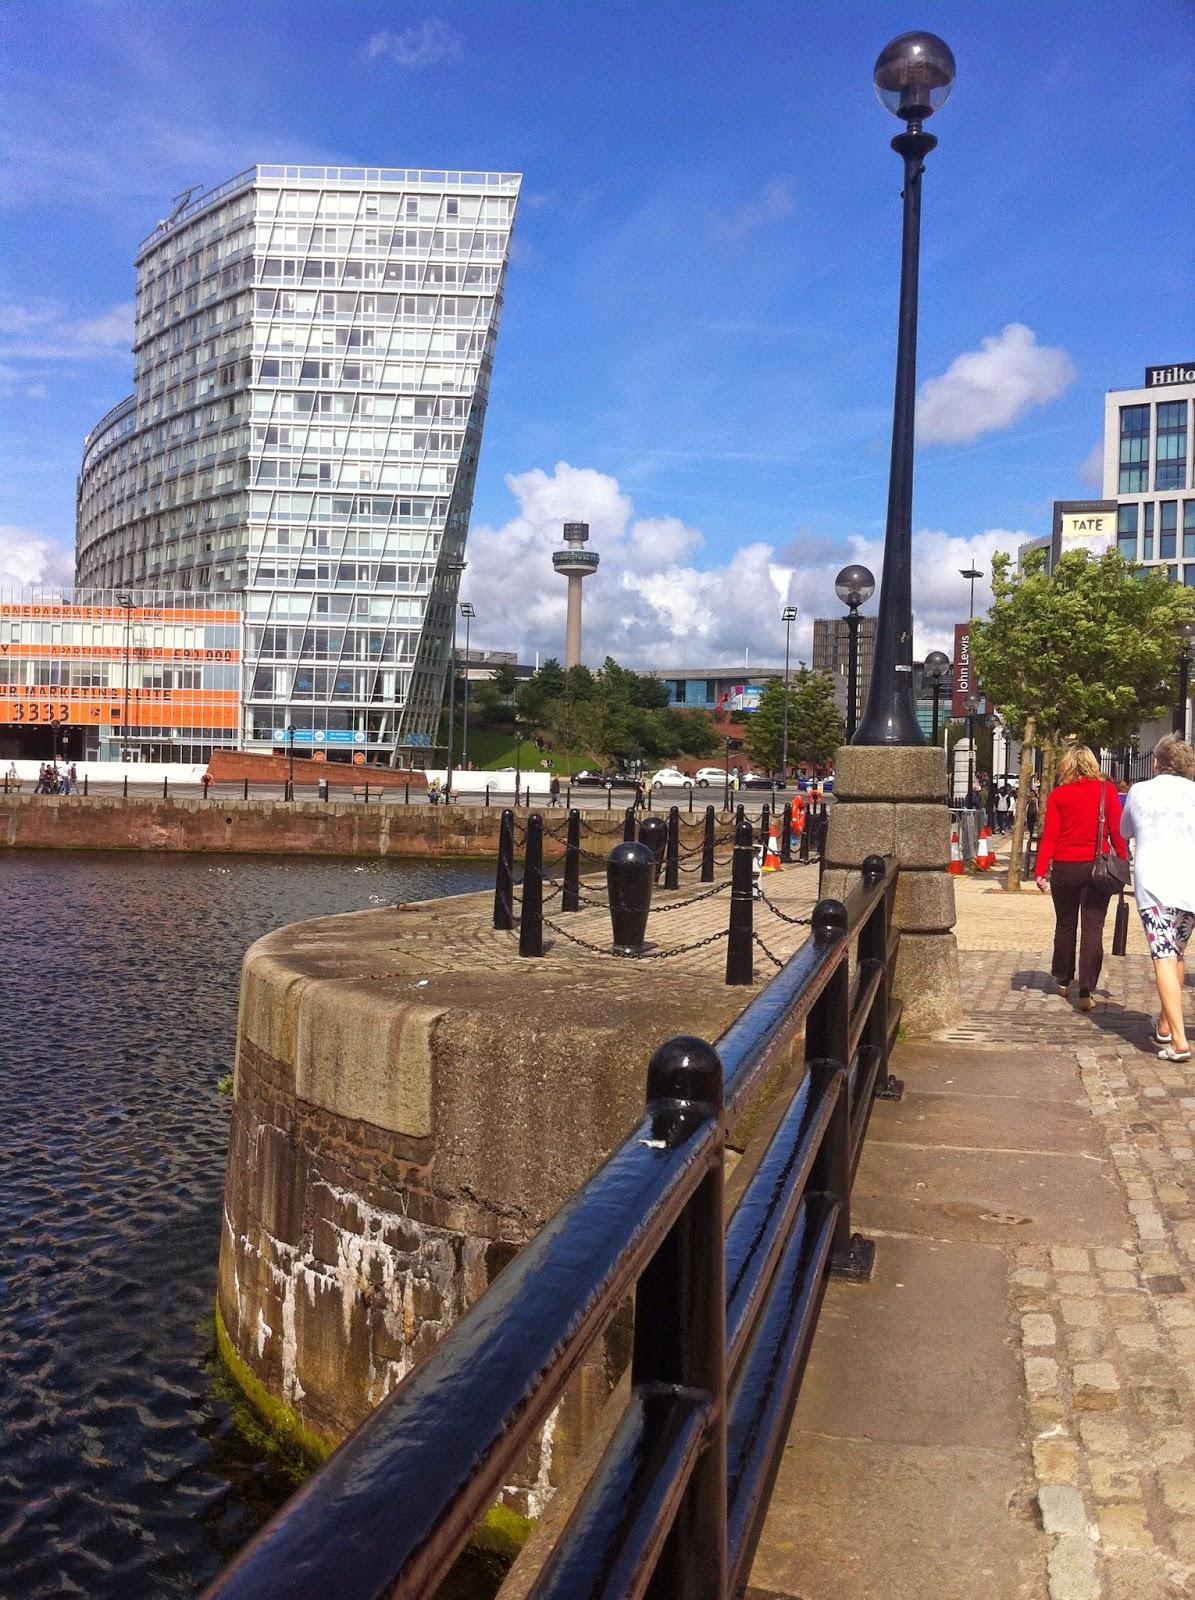 Albert Dock Liverpool, England